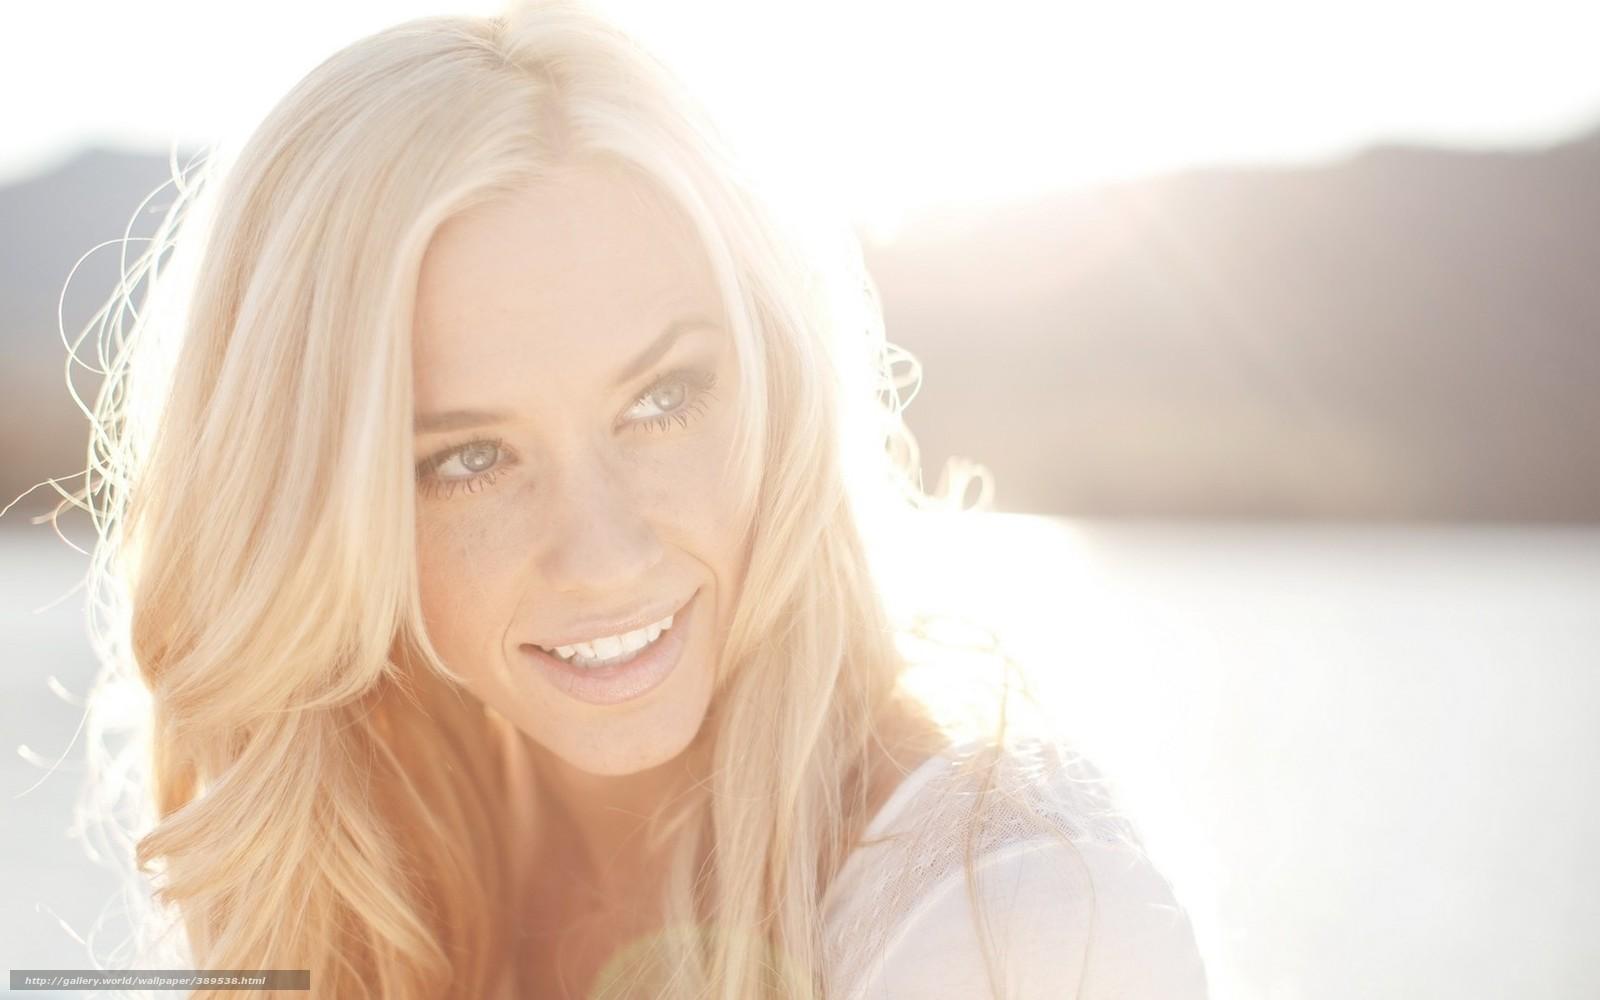 Фото блондинки в лучах солнца 26 фотография